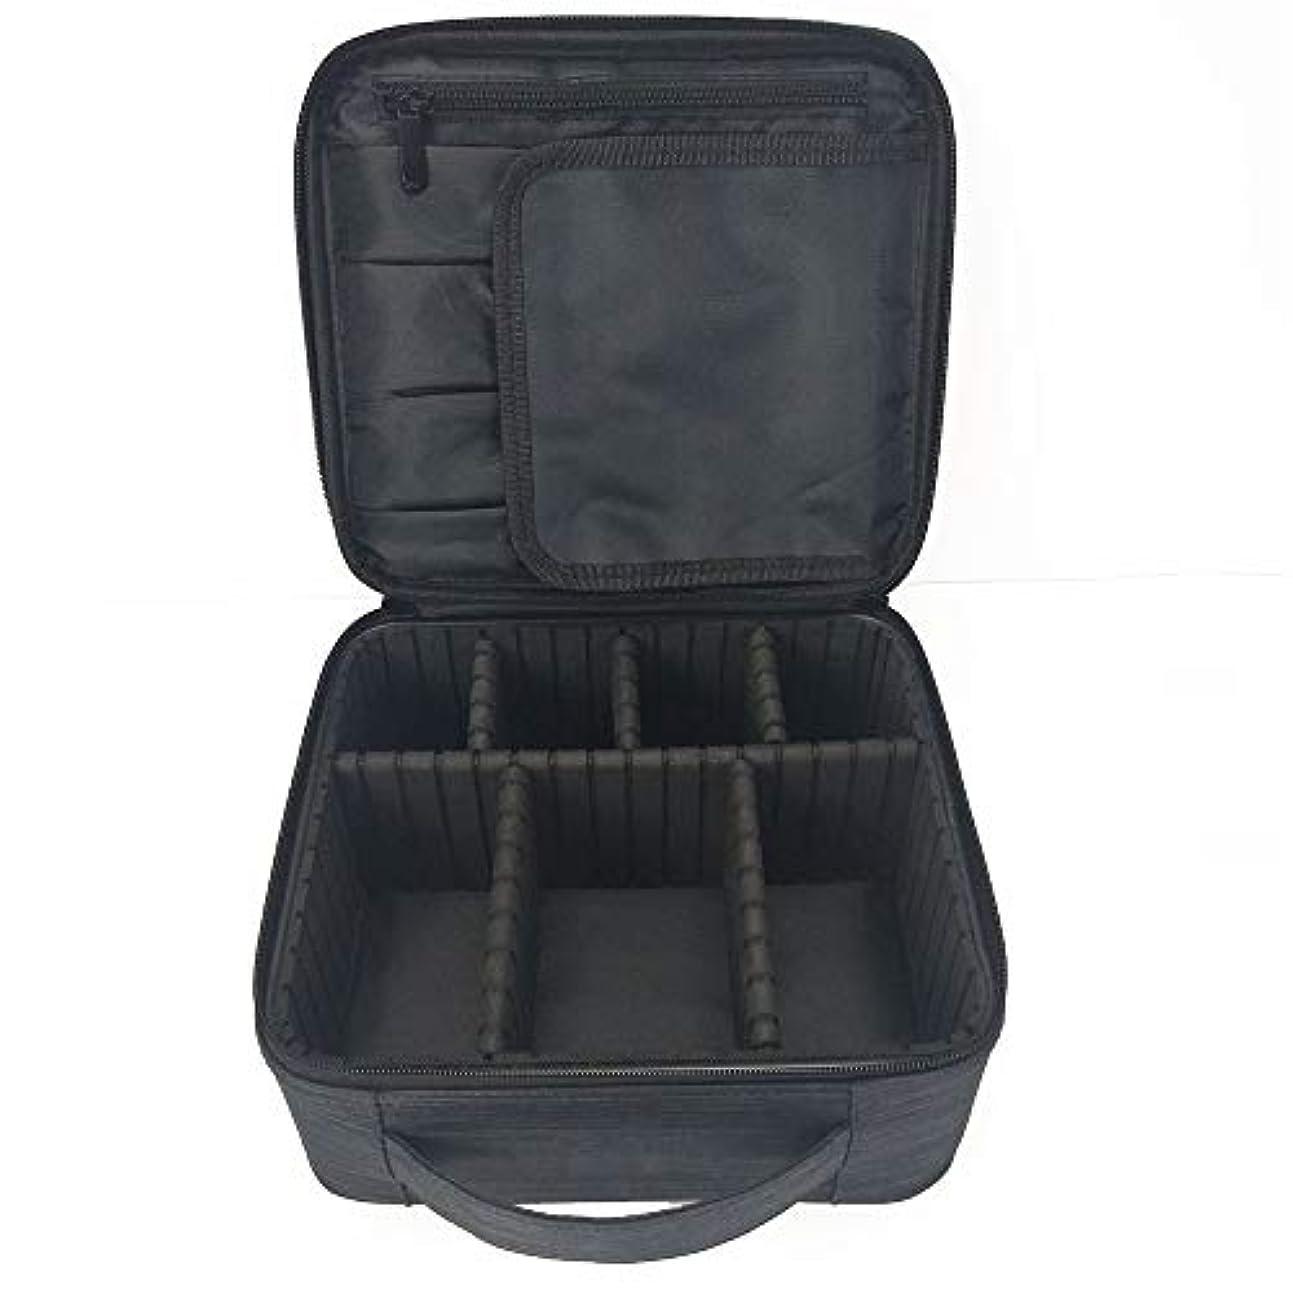 誇張する採用する吐く化粧オーガナイザーバッグ 調整可能な仕切り付き防水メイクアップバッグ旅行化粧ケースブラシホルダー 化粧品ケース